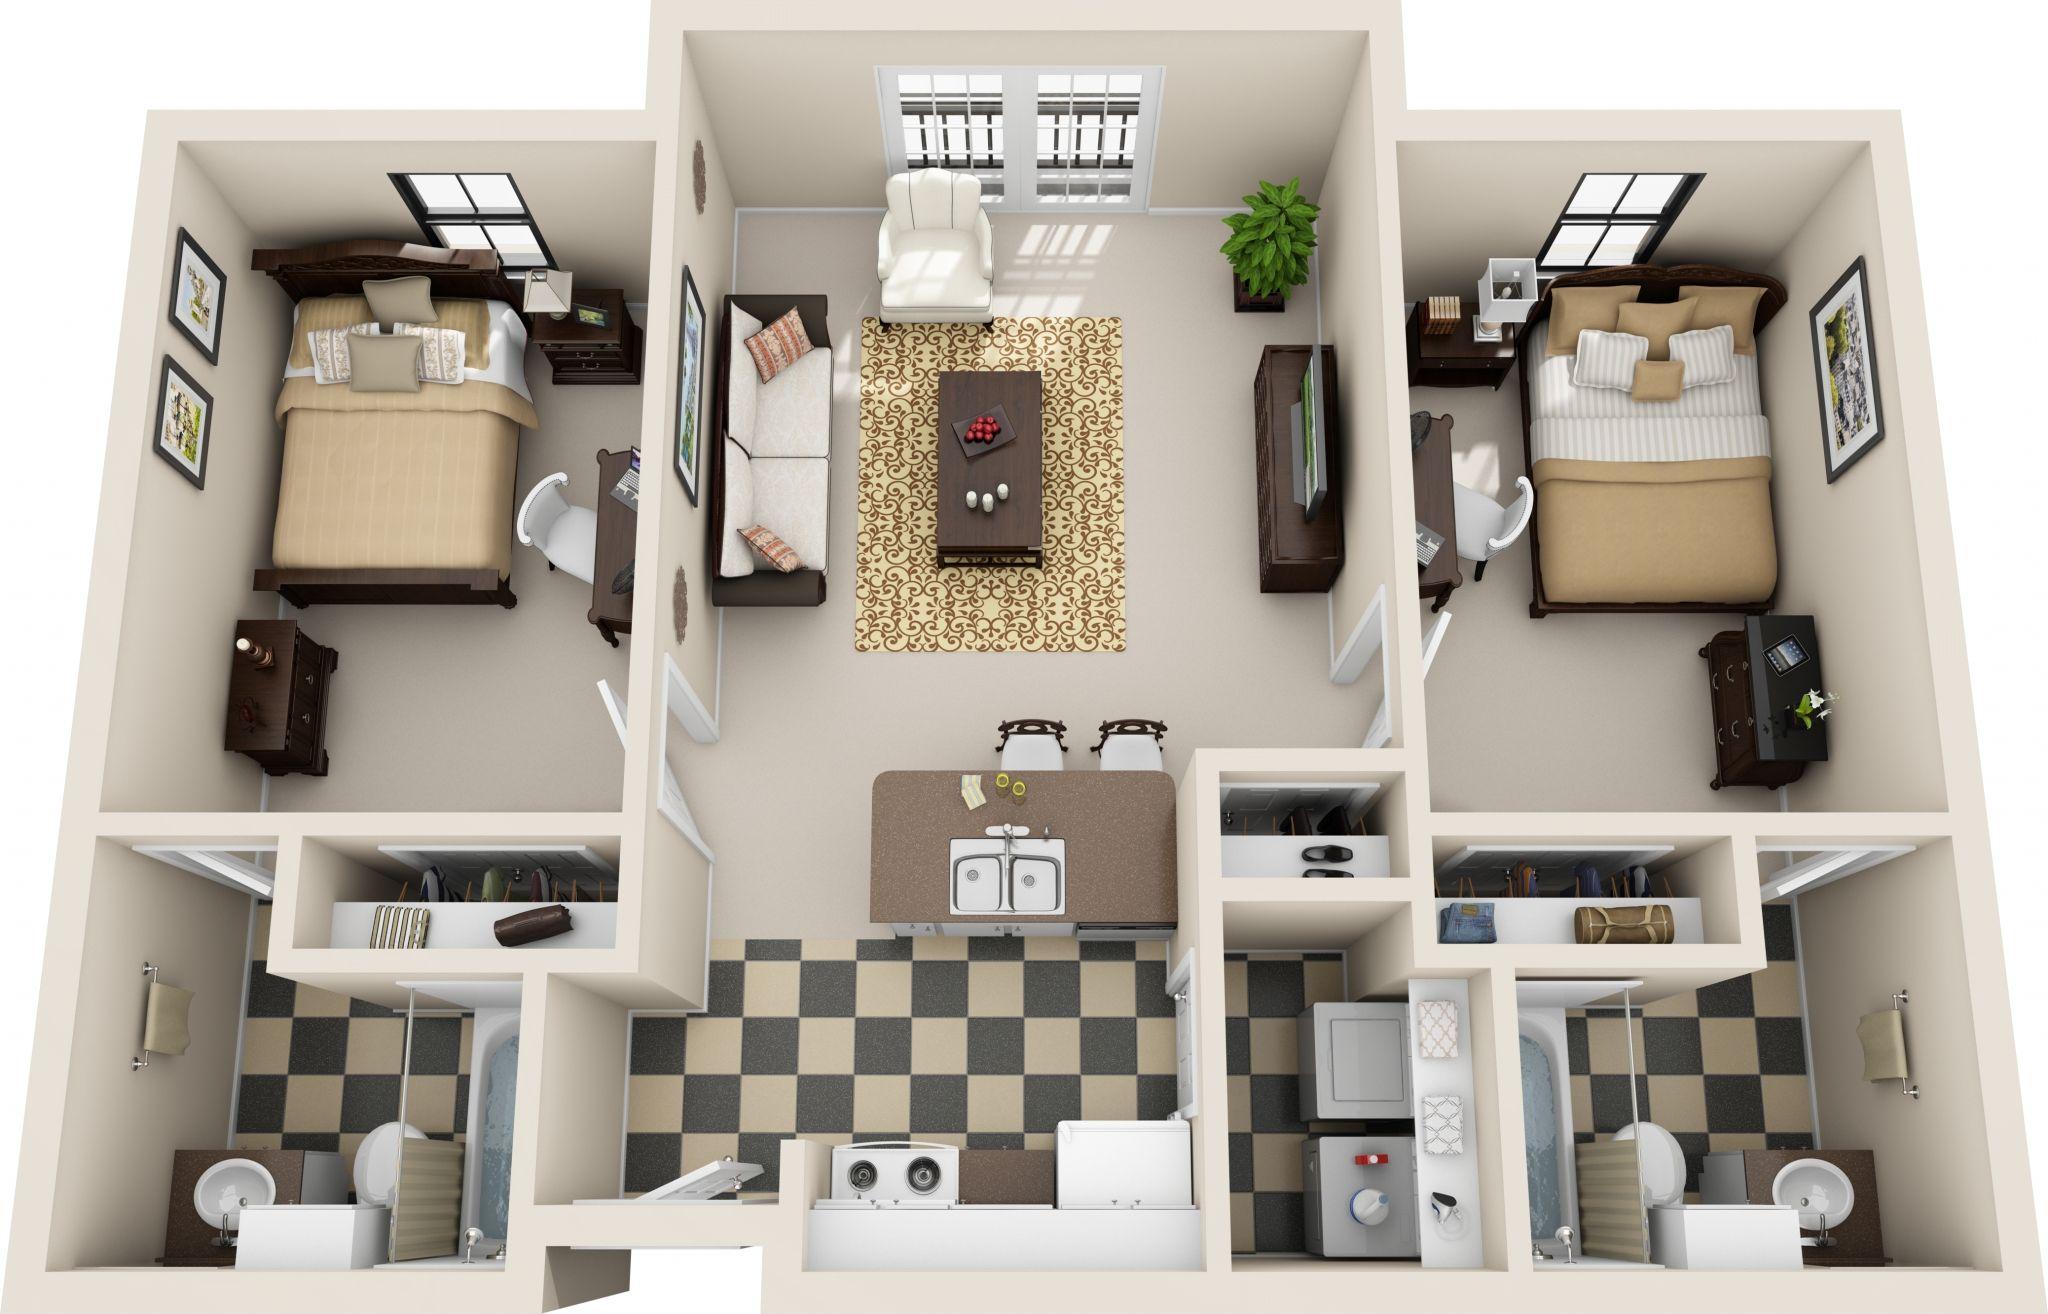 17 Zwei Schlafzimmer Apartment Plane Spektakulare Sammlung Imma Design Garda Tremosinesul Bedroom 2 Bedroom Apartment Bedroom House Plans Renting A House